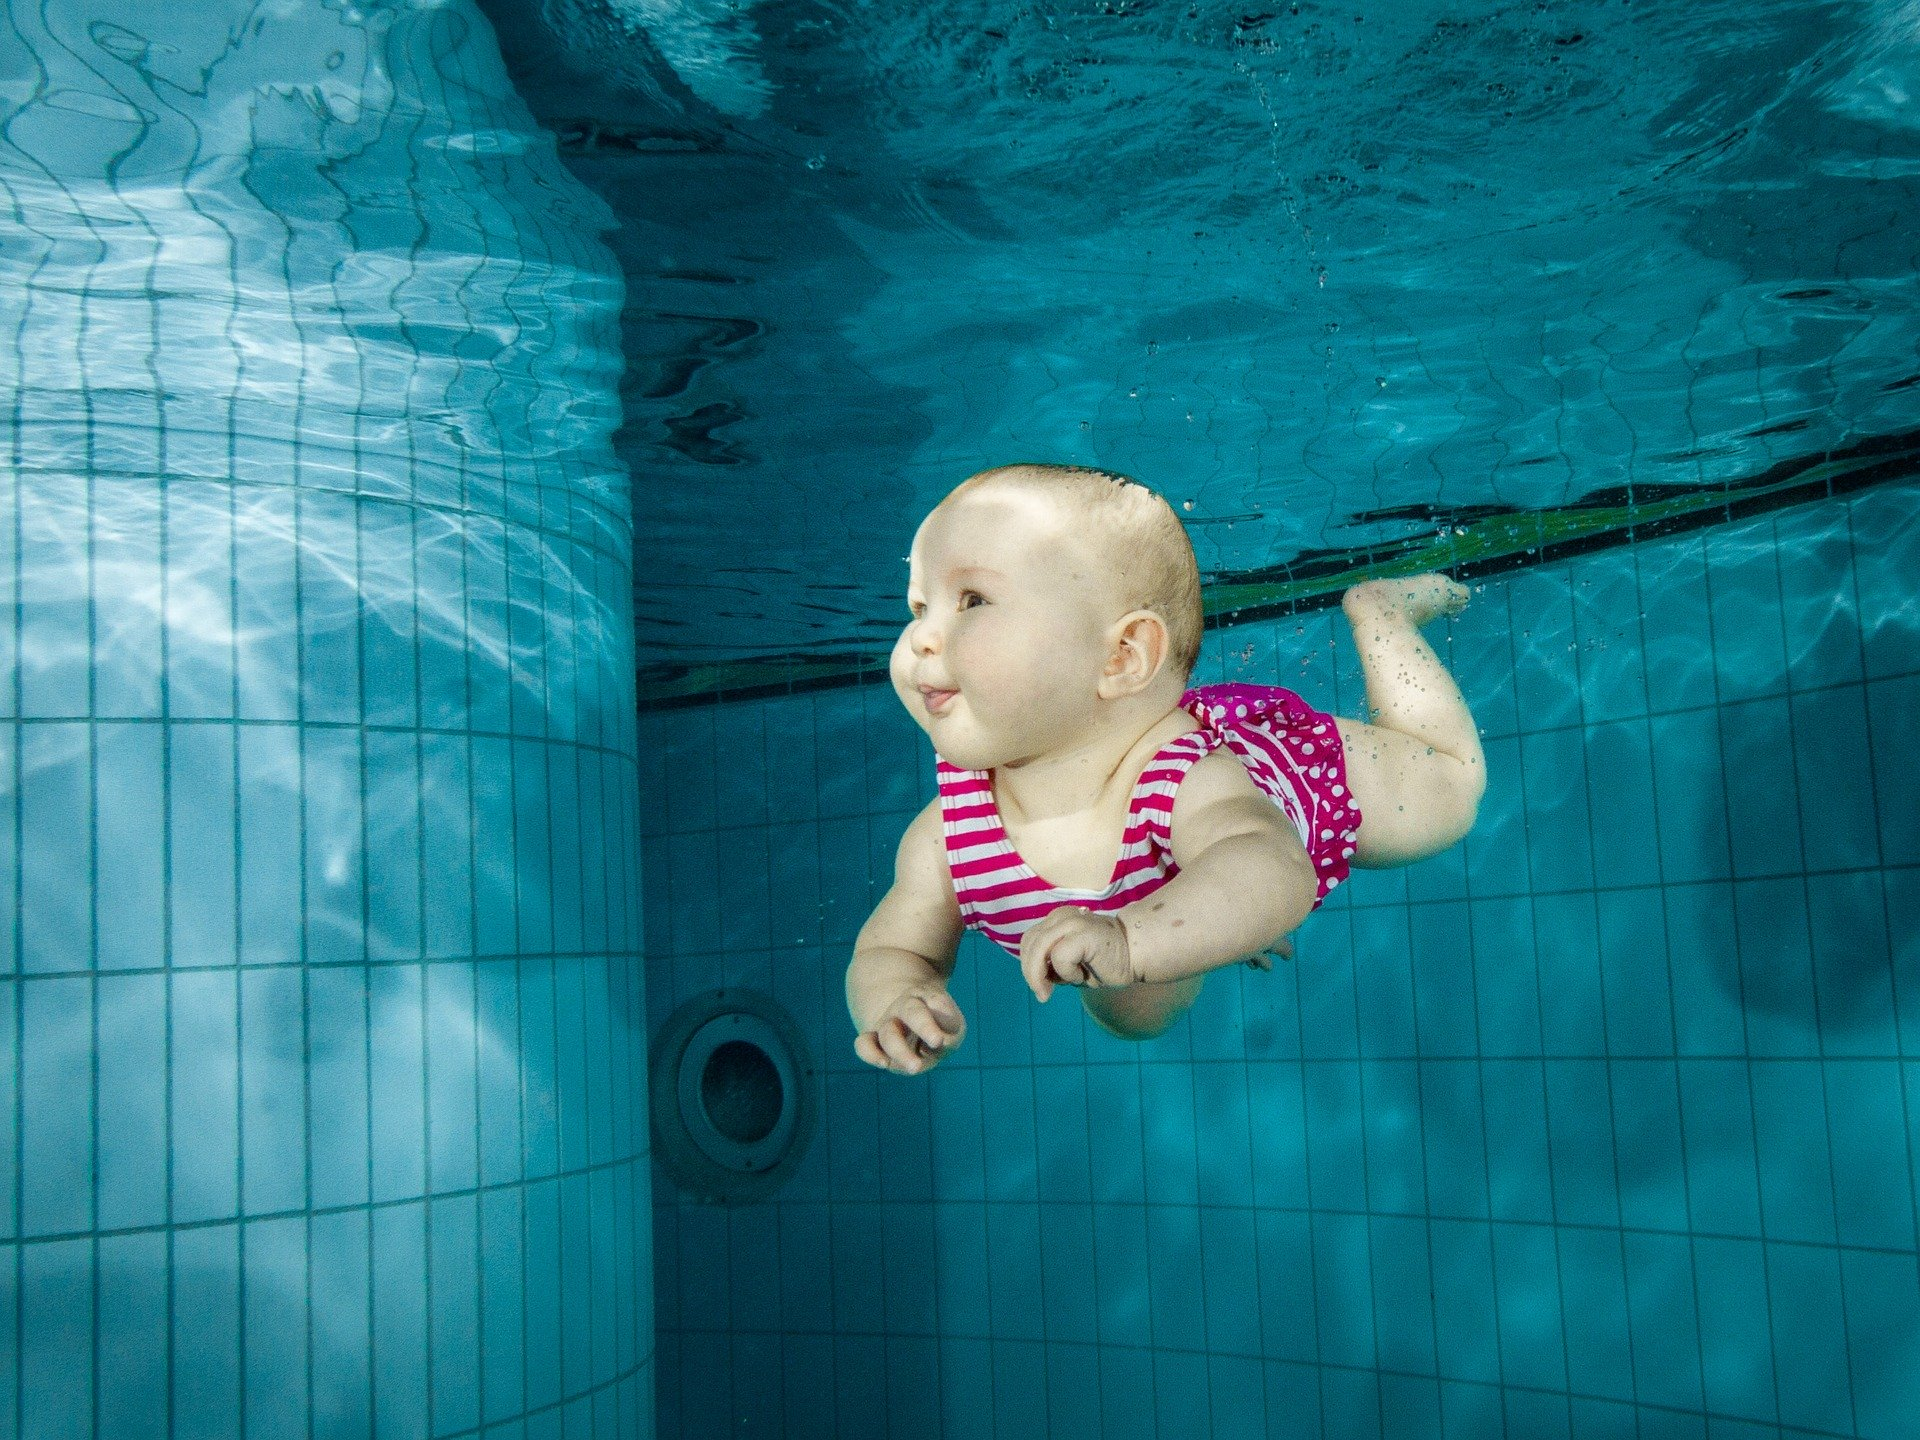 Vauva sukeltaa uima-altaassa.